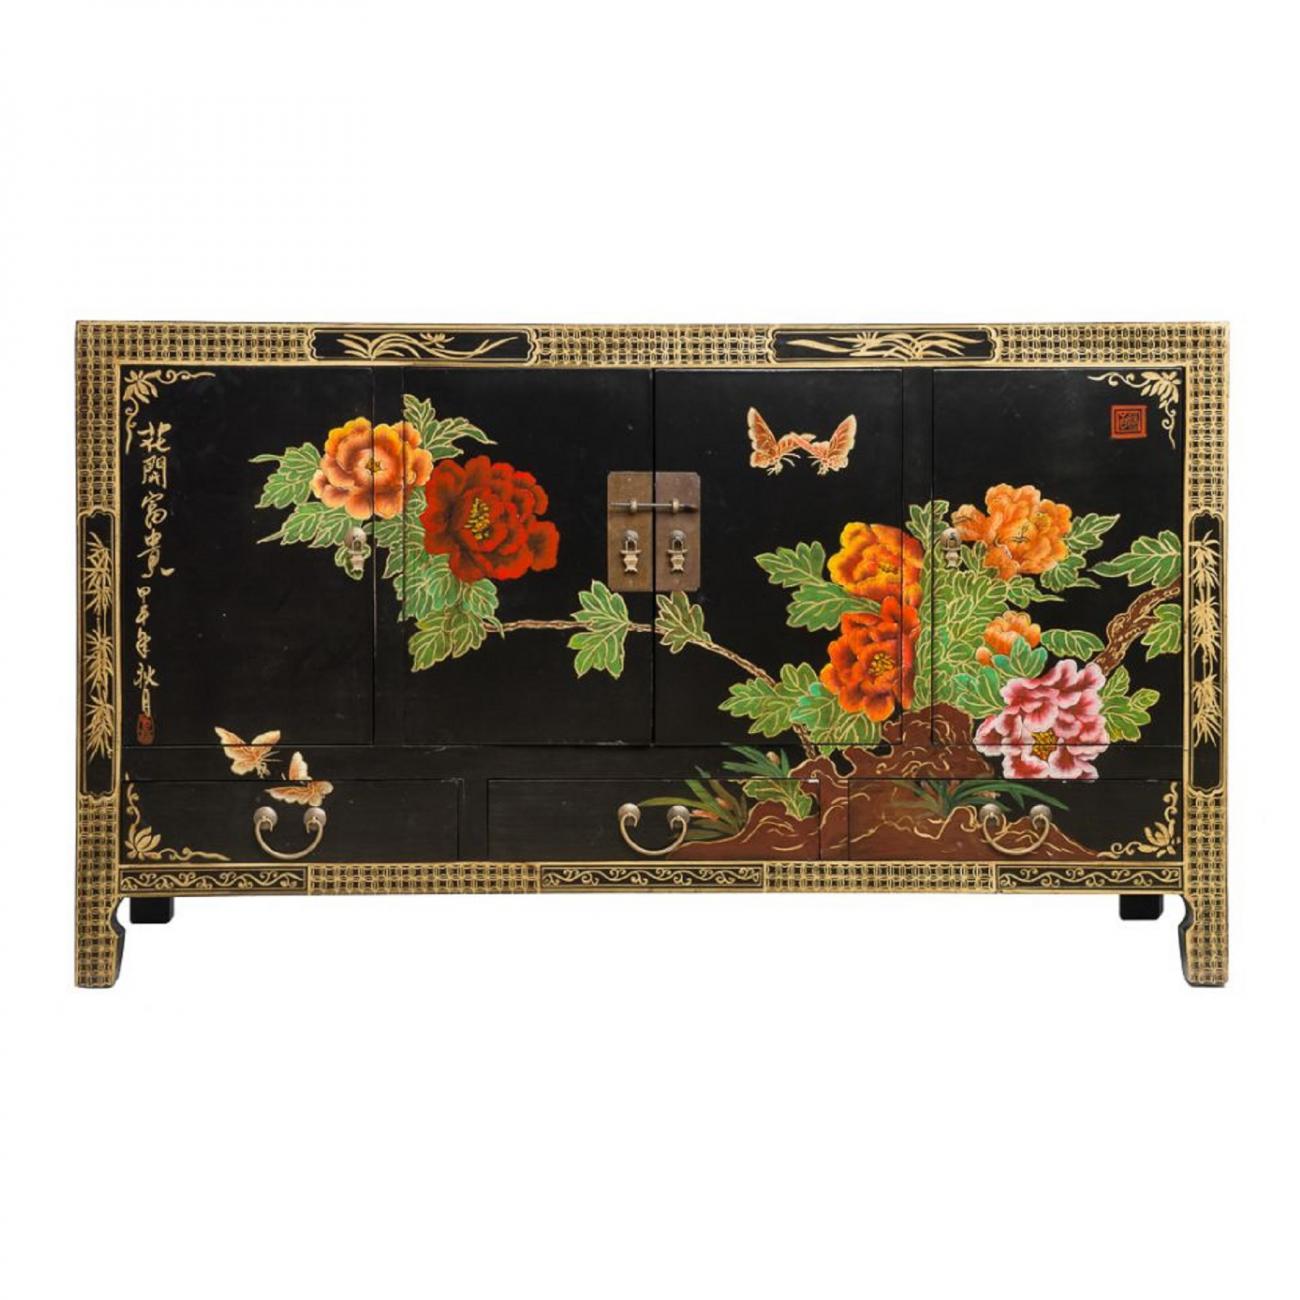 Купить Комод Гуй-Чунте Чёрный Цветы в интернет магазине дизайнерской мебели и аксессуаров для дома и дачи